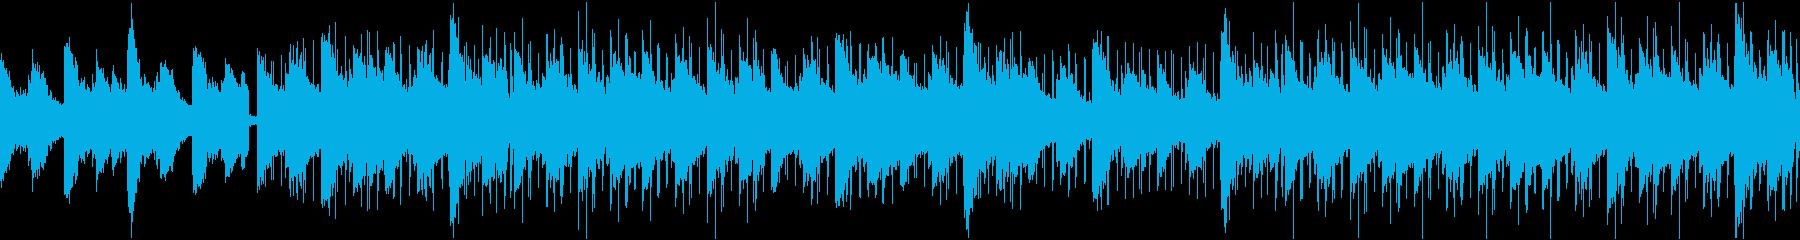 ダンディーでお洒落なスローソウルジャズの再生済みの波形